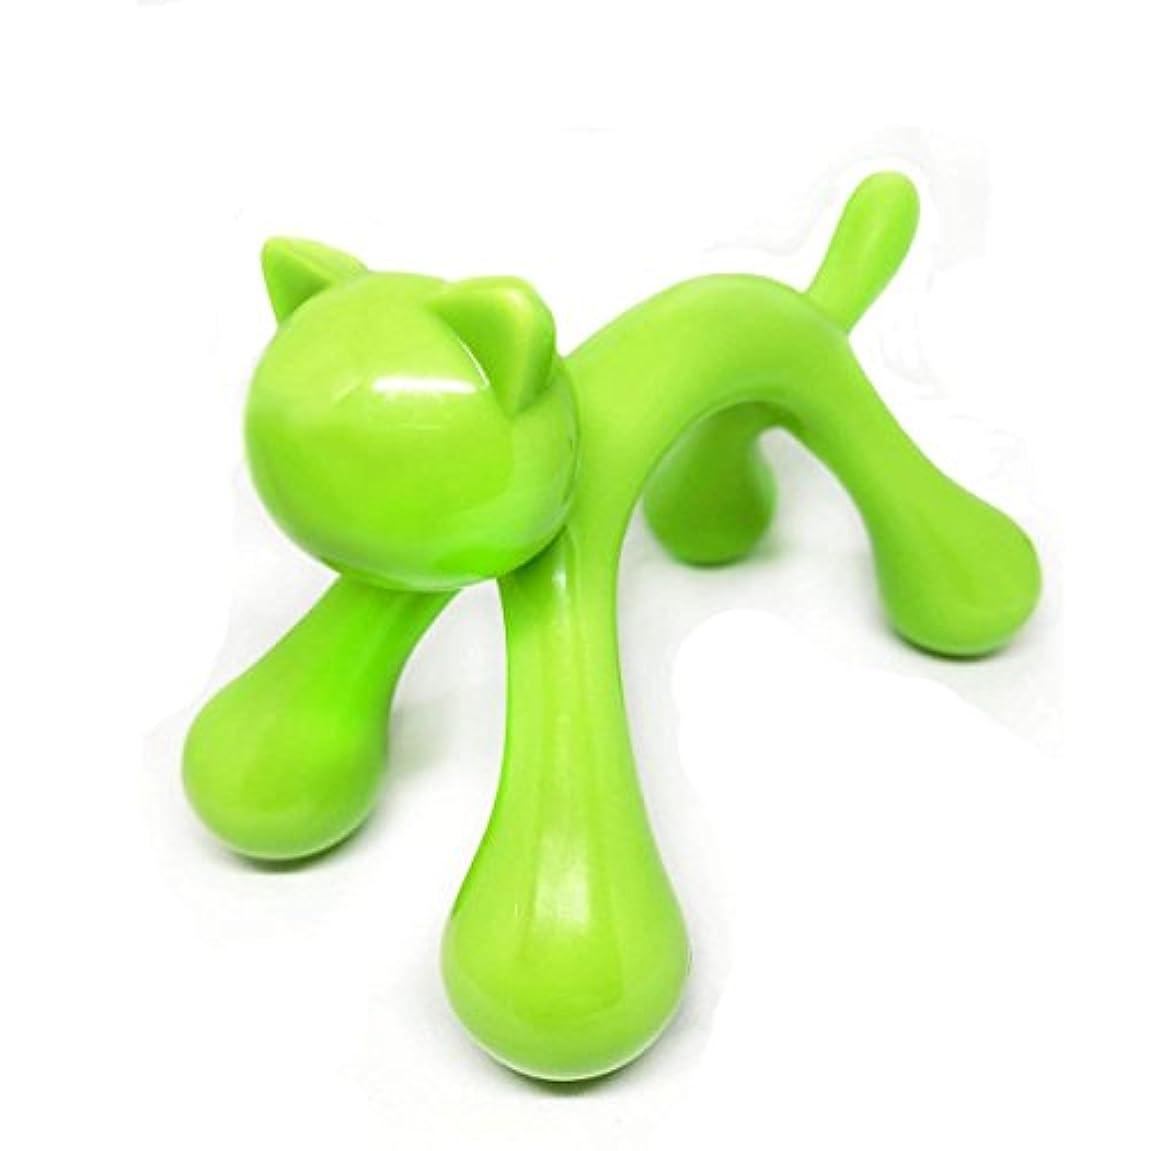 マッサージ棒 ツボ押しマッサージ台 握りタイプ 背中 ウッド 疲労回復 ハンド 背中 首 肩こり解消 可愛いネコ型 (グリーン)